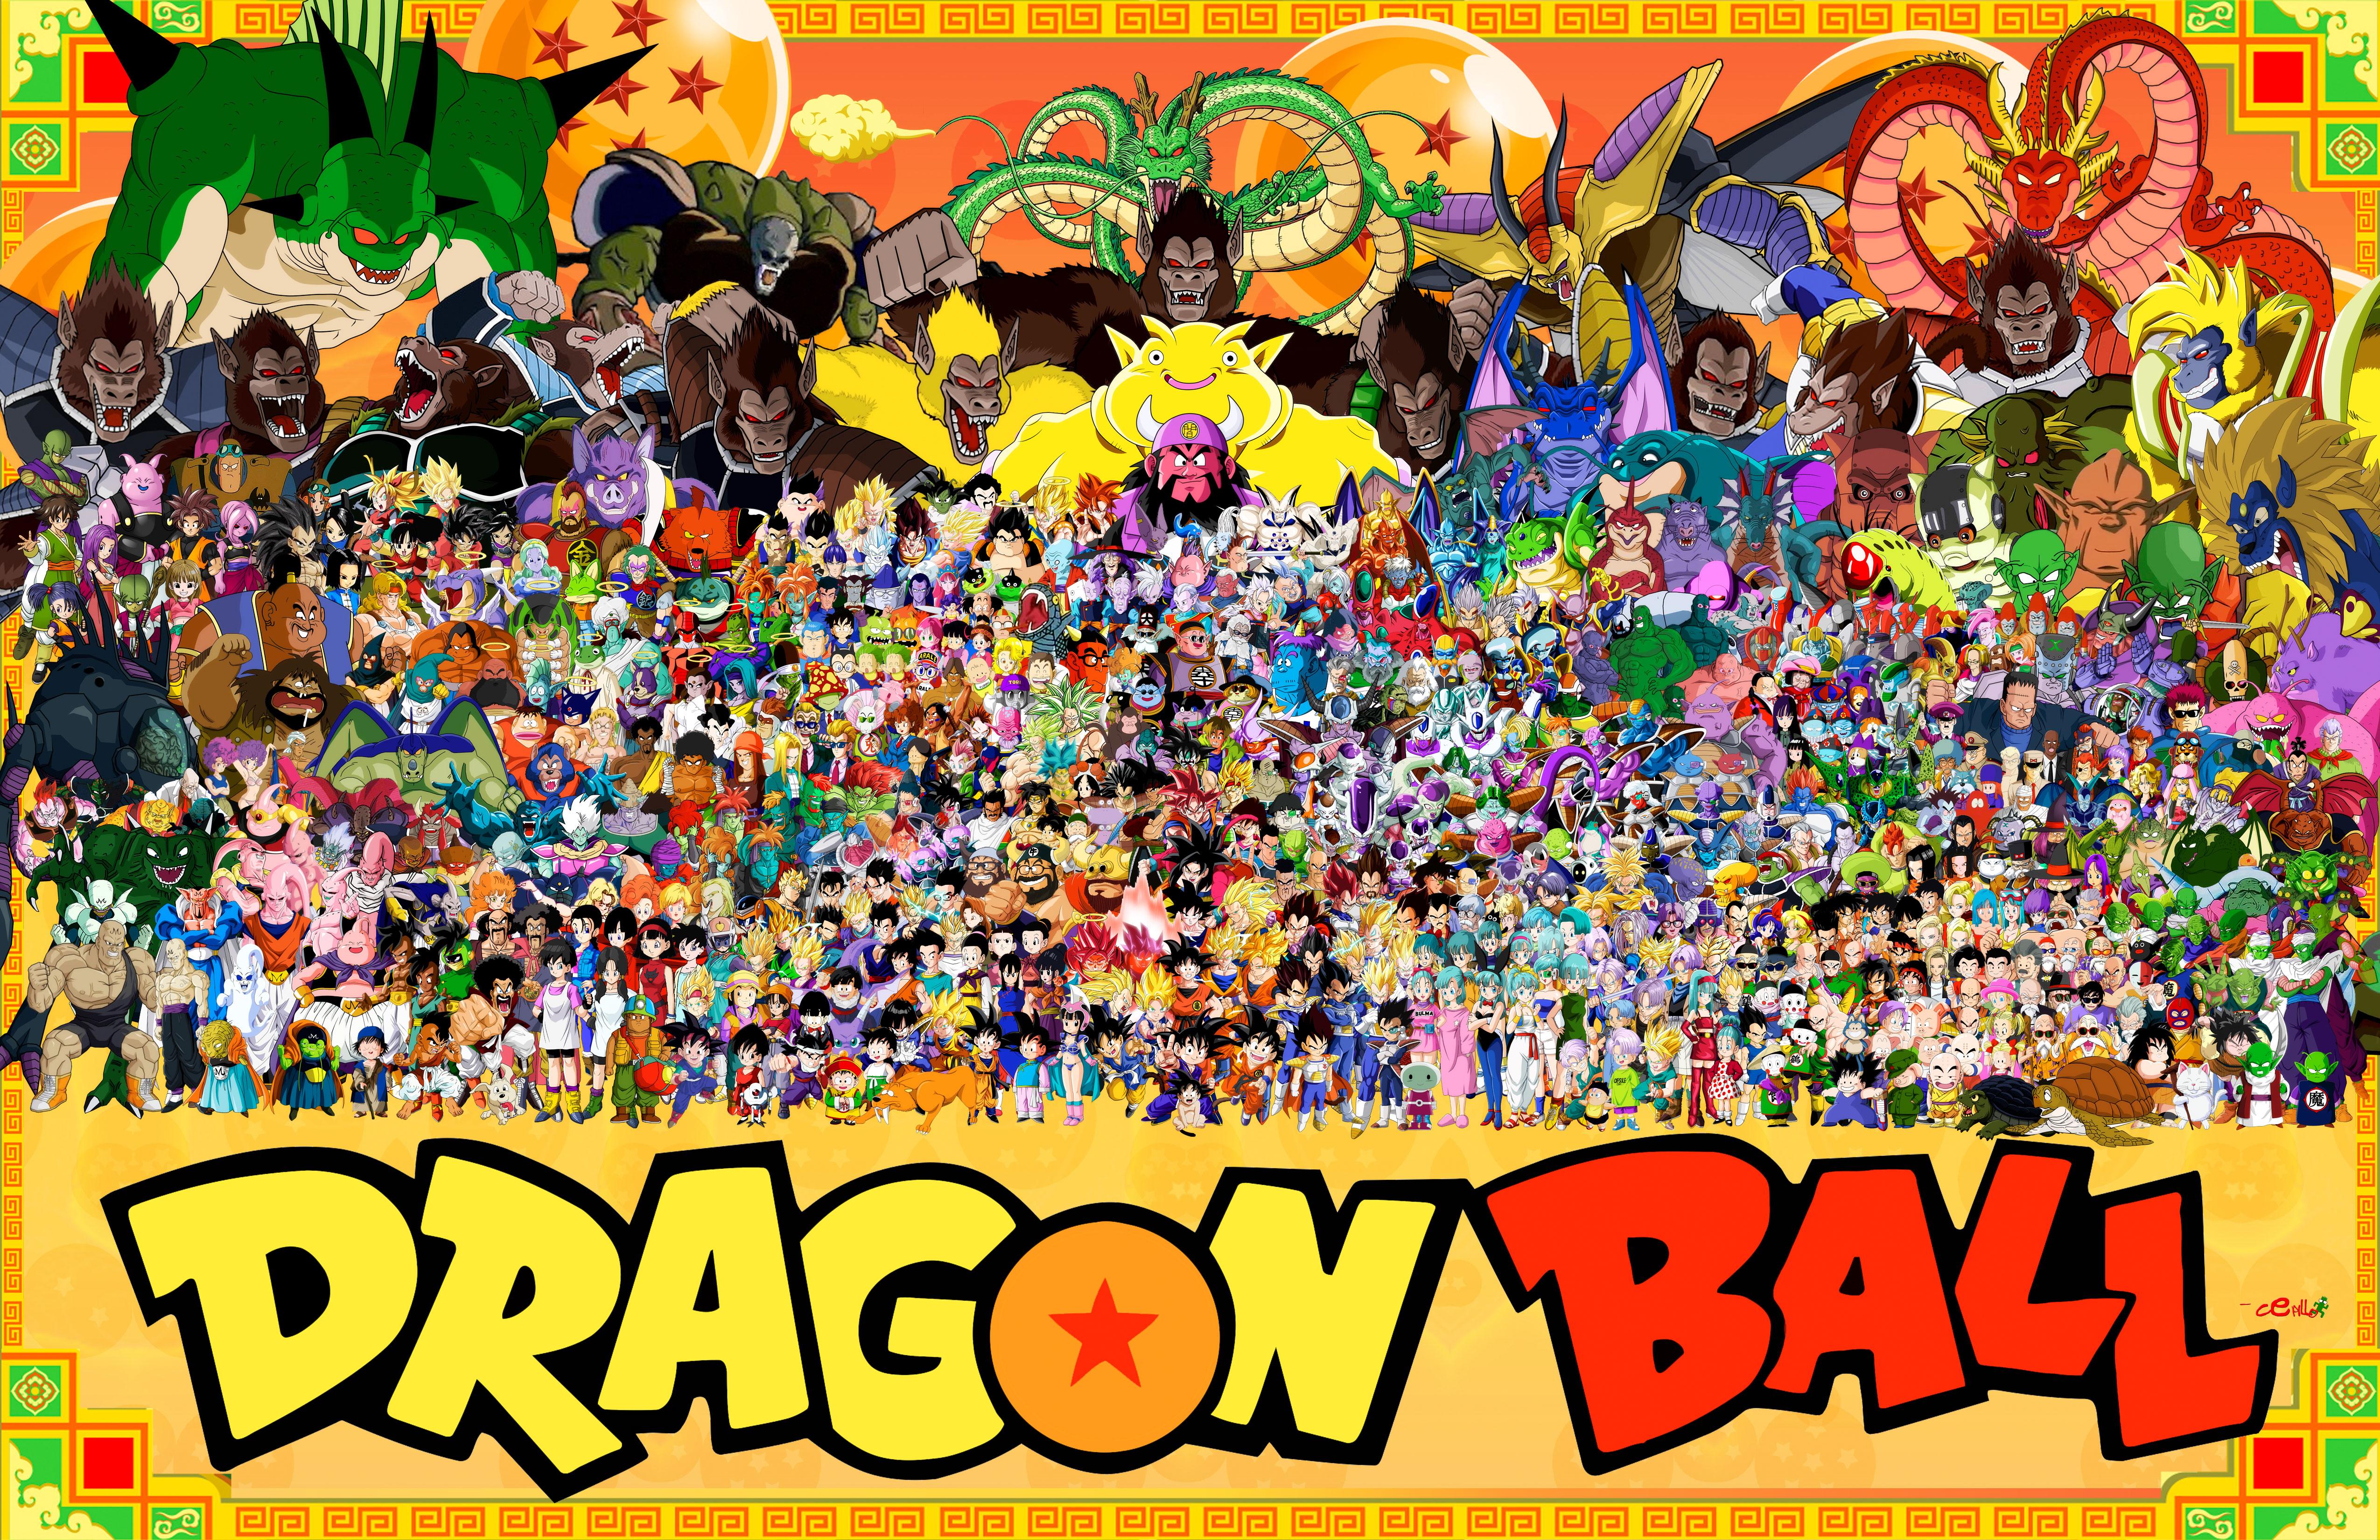 Tous les personnages de dragon ball r unis pour une photo - Image de dragon ball z ...